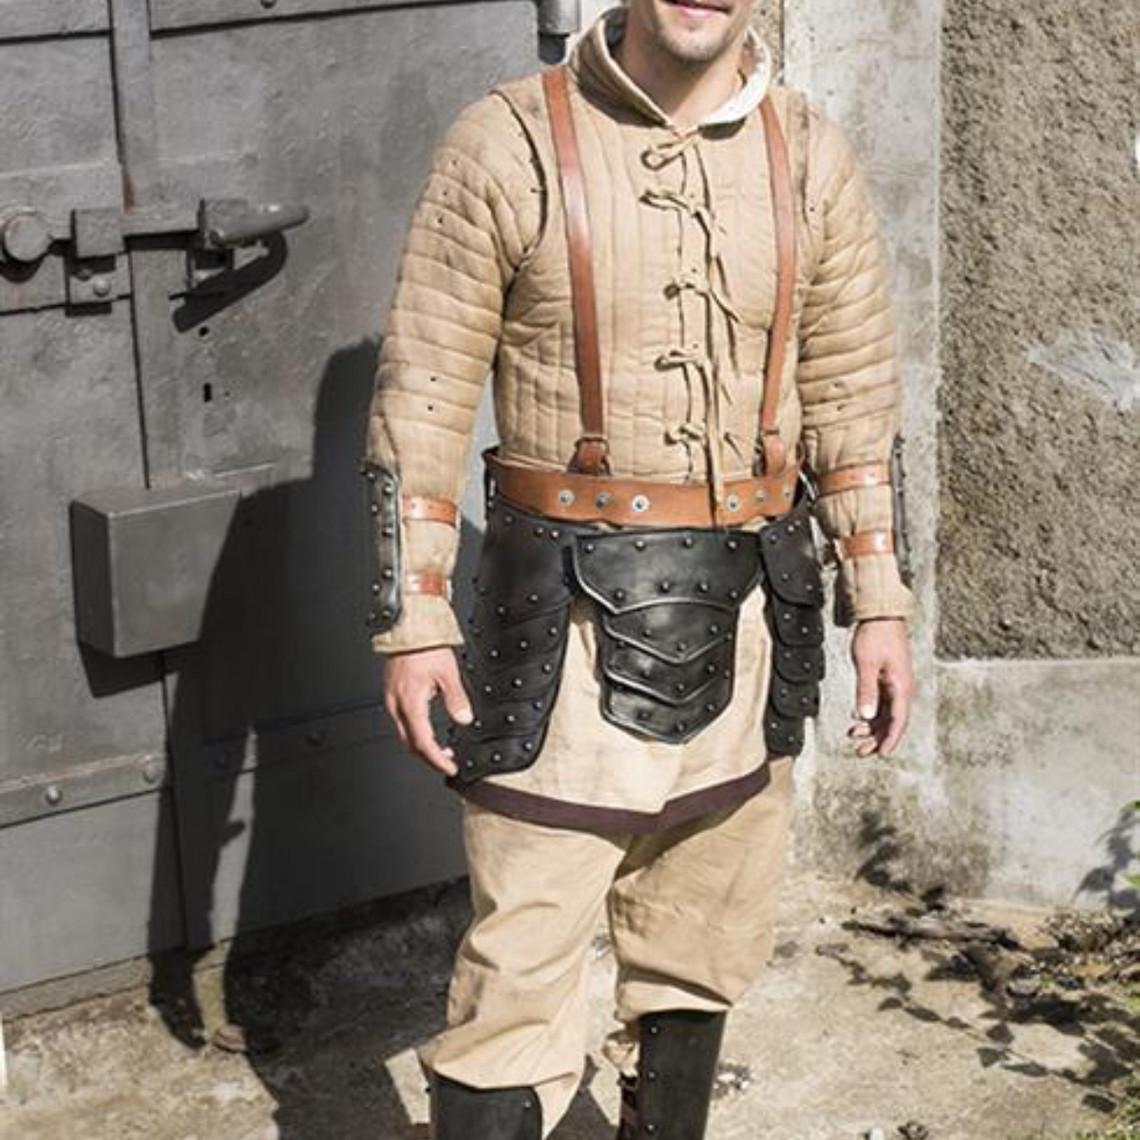 Epic Armoury Borde guerrero, patinado